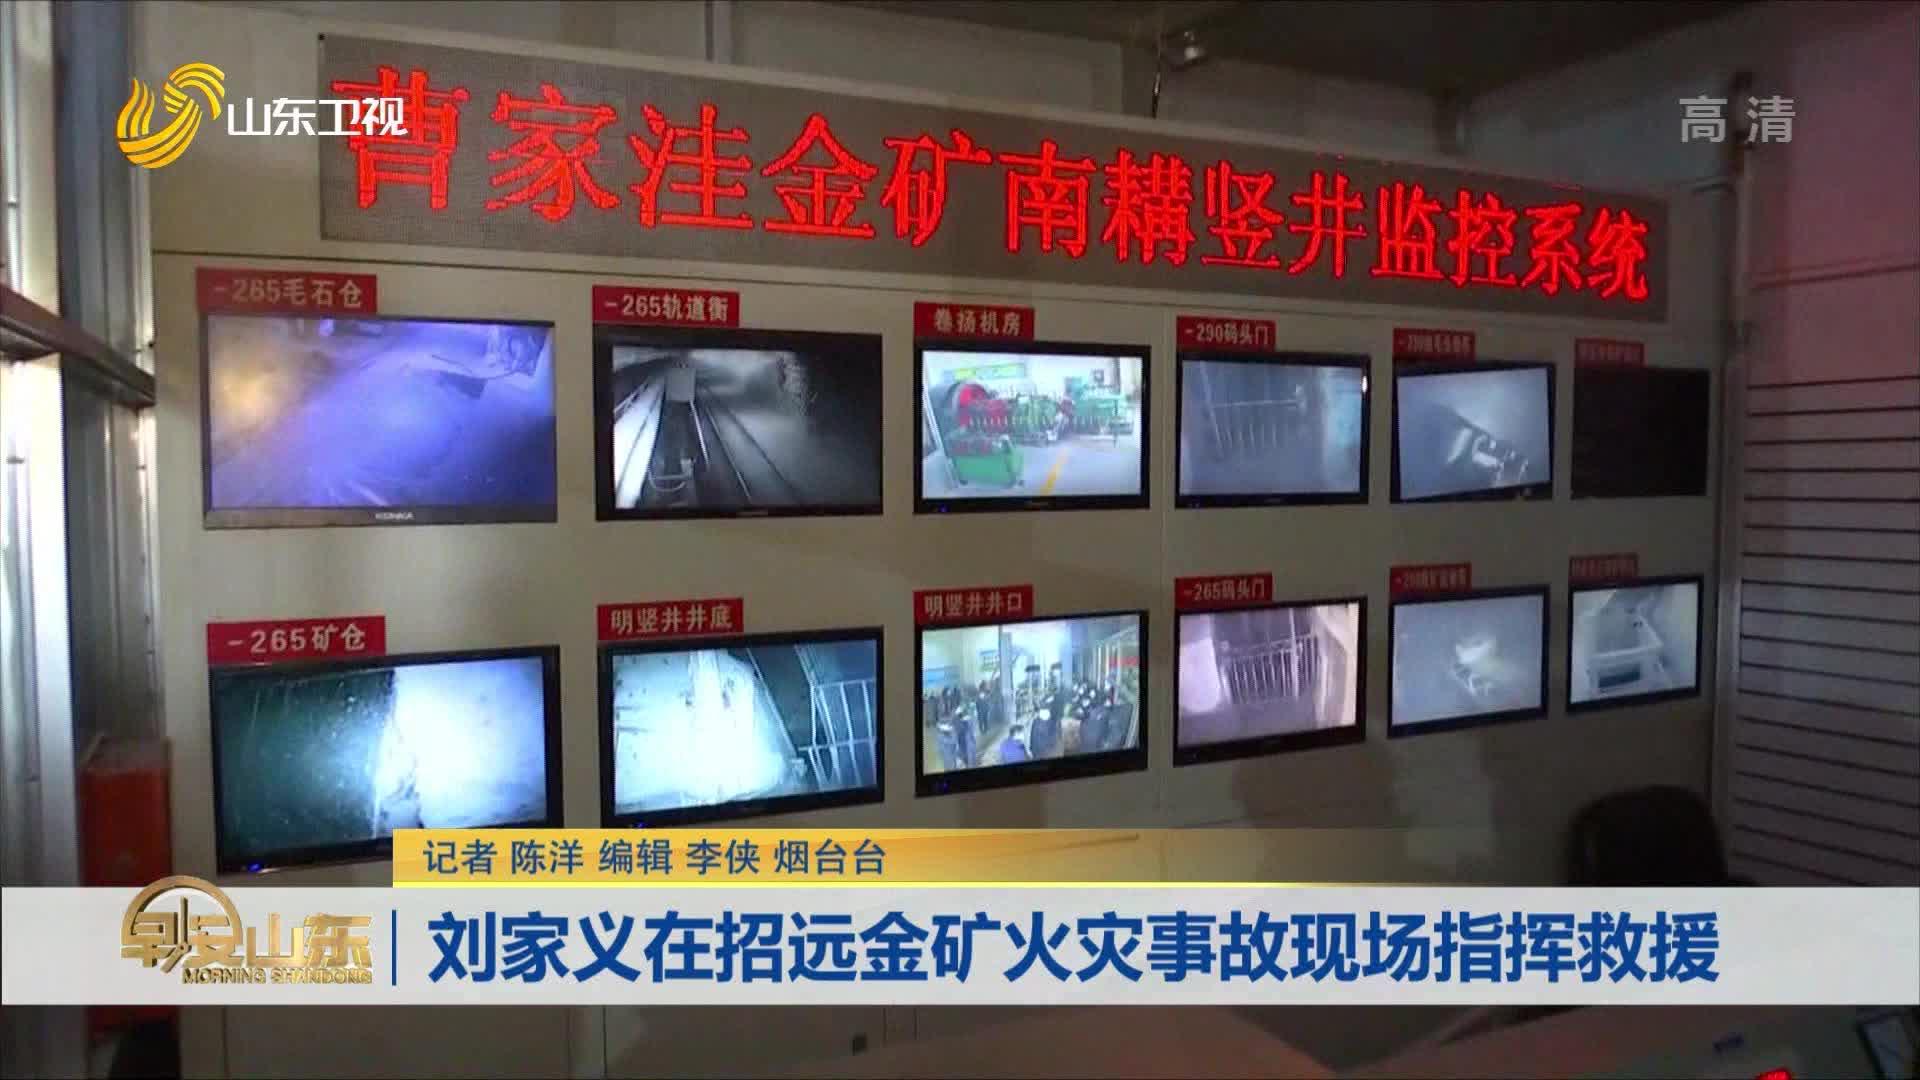 刘家义在招远金矿火灾变乱现场指挥救援